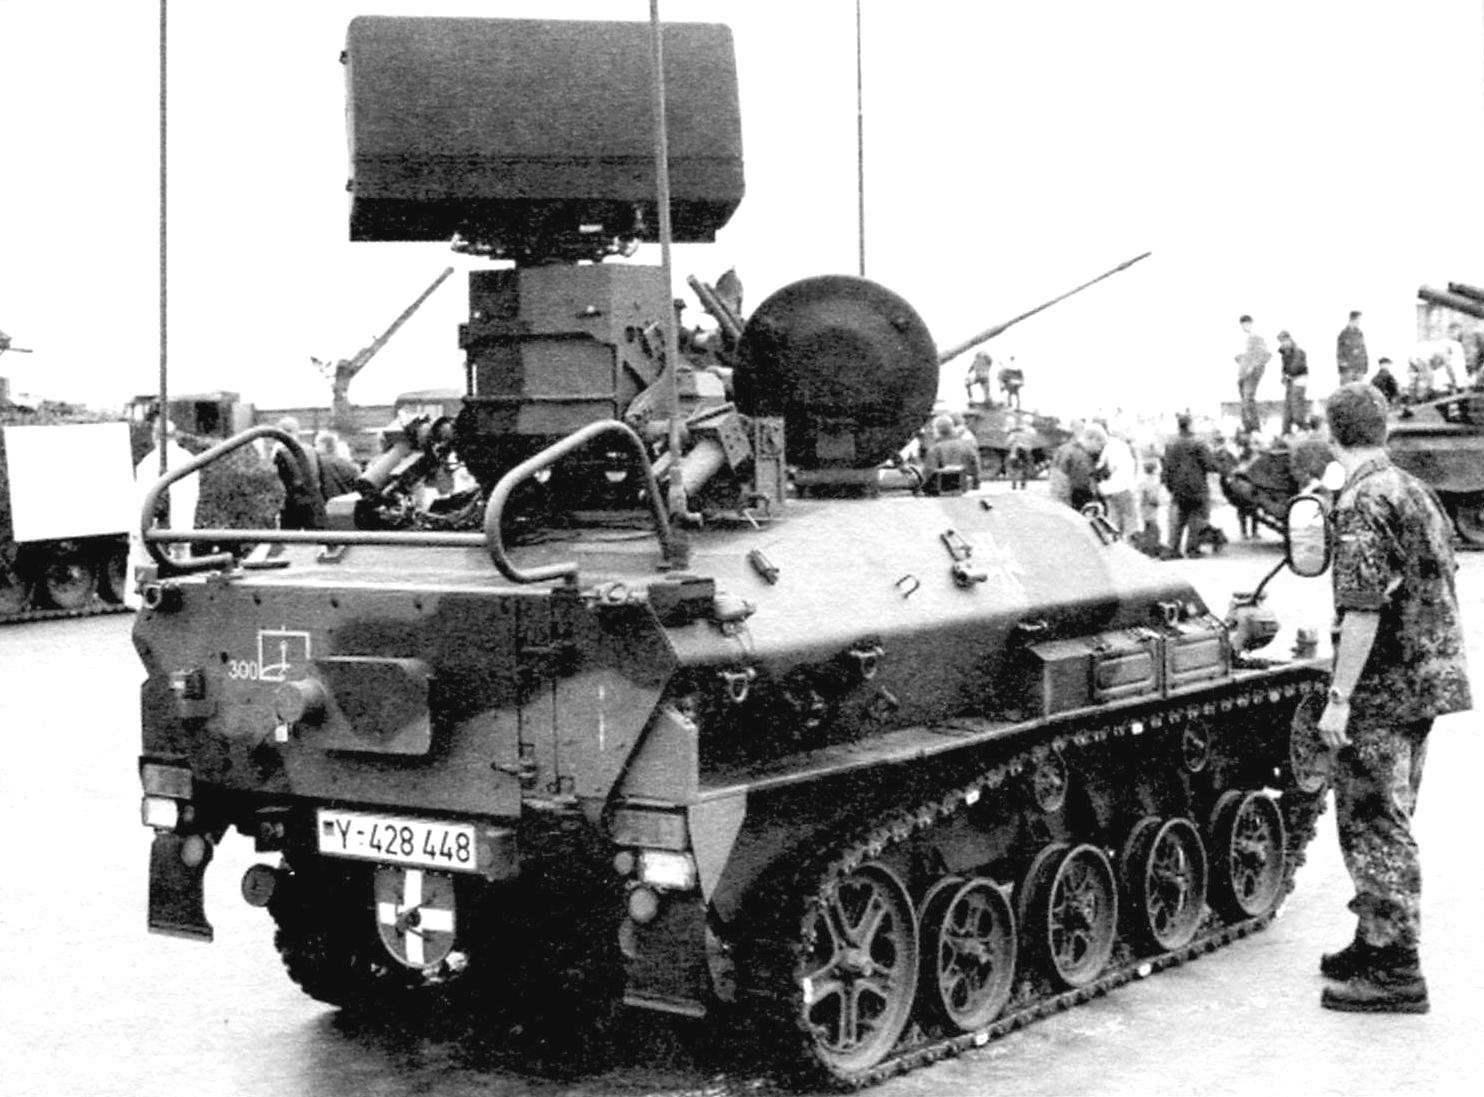 Для обеспечения работы зенитного ракетного комплекса предназначалась самоходная станция радиолокационной разведки и выдачи целеуказаний на управление огнём на шасси «Визель-2»